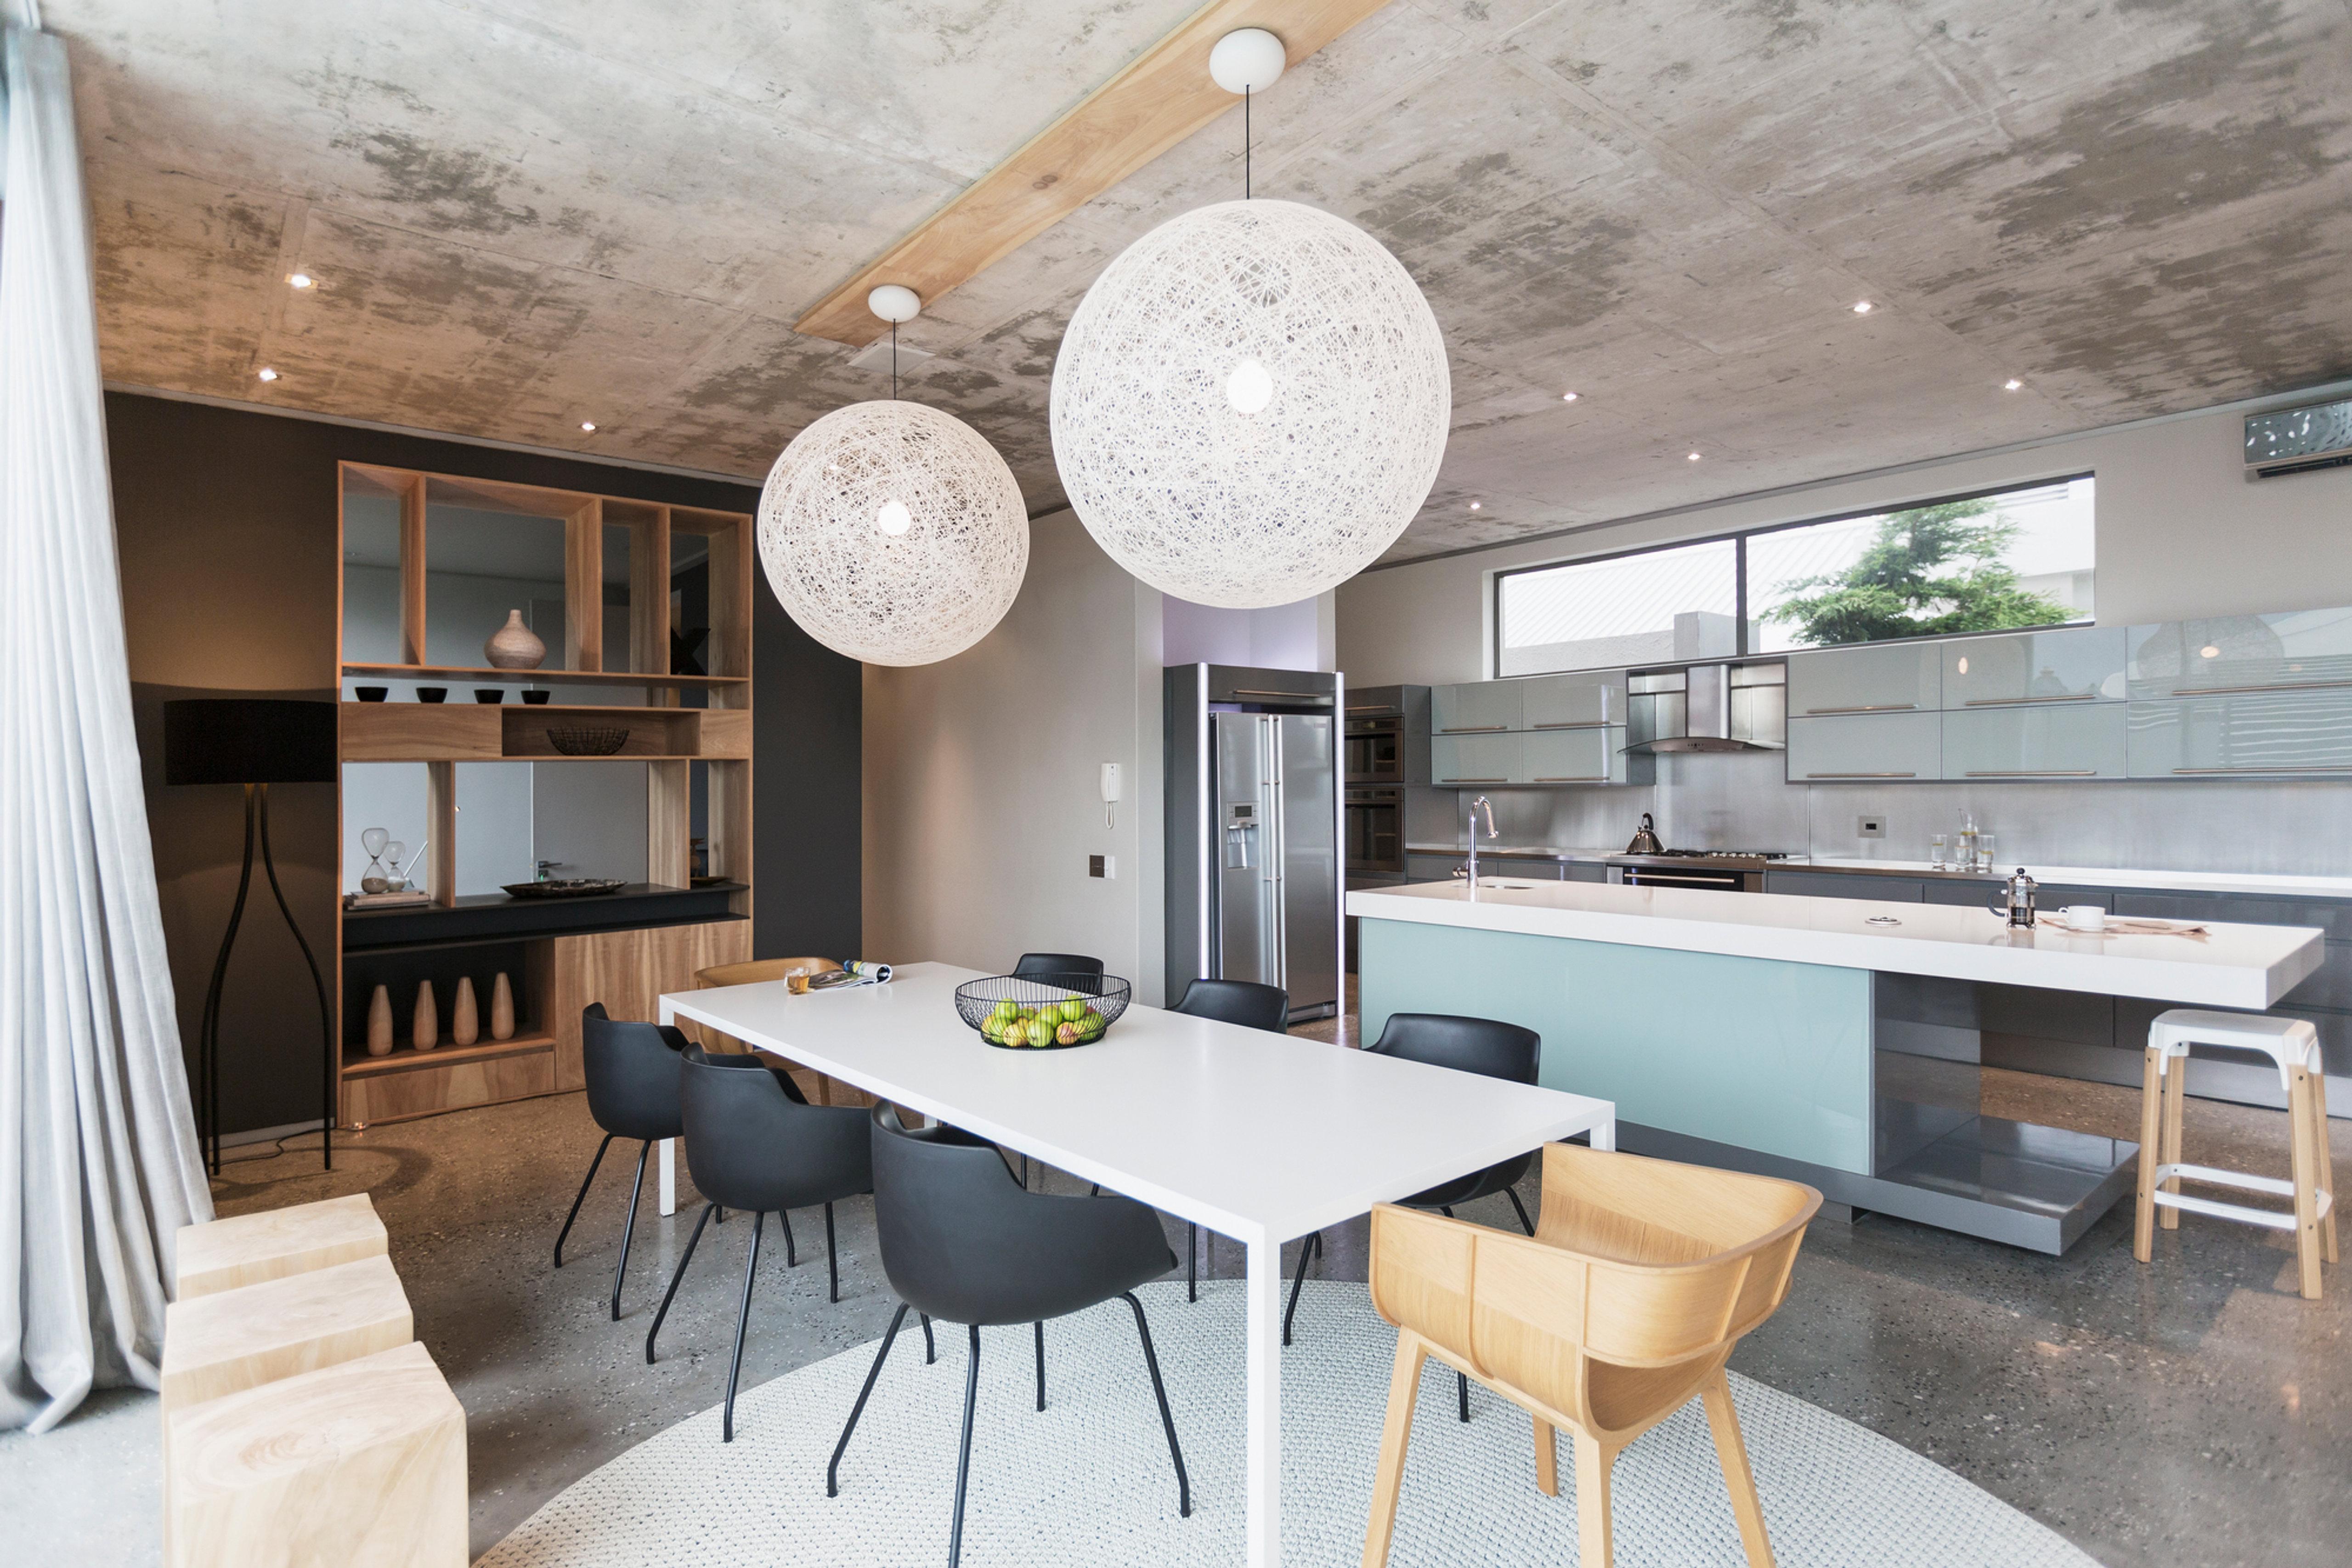 Delloly design   décoratrice intérieur   architecte intérie ...